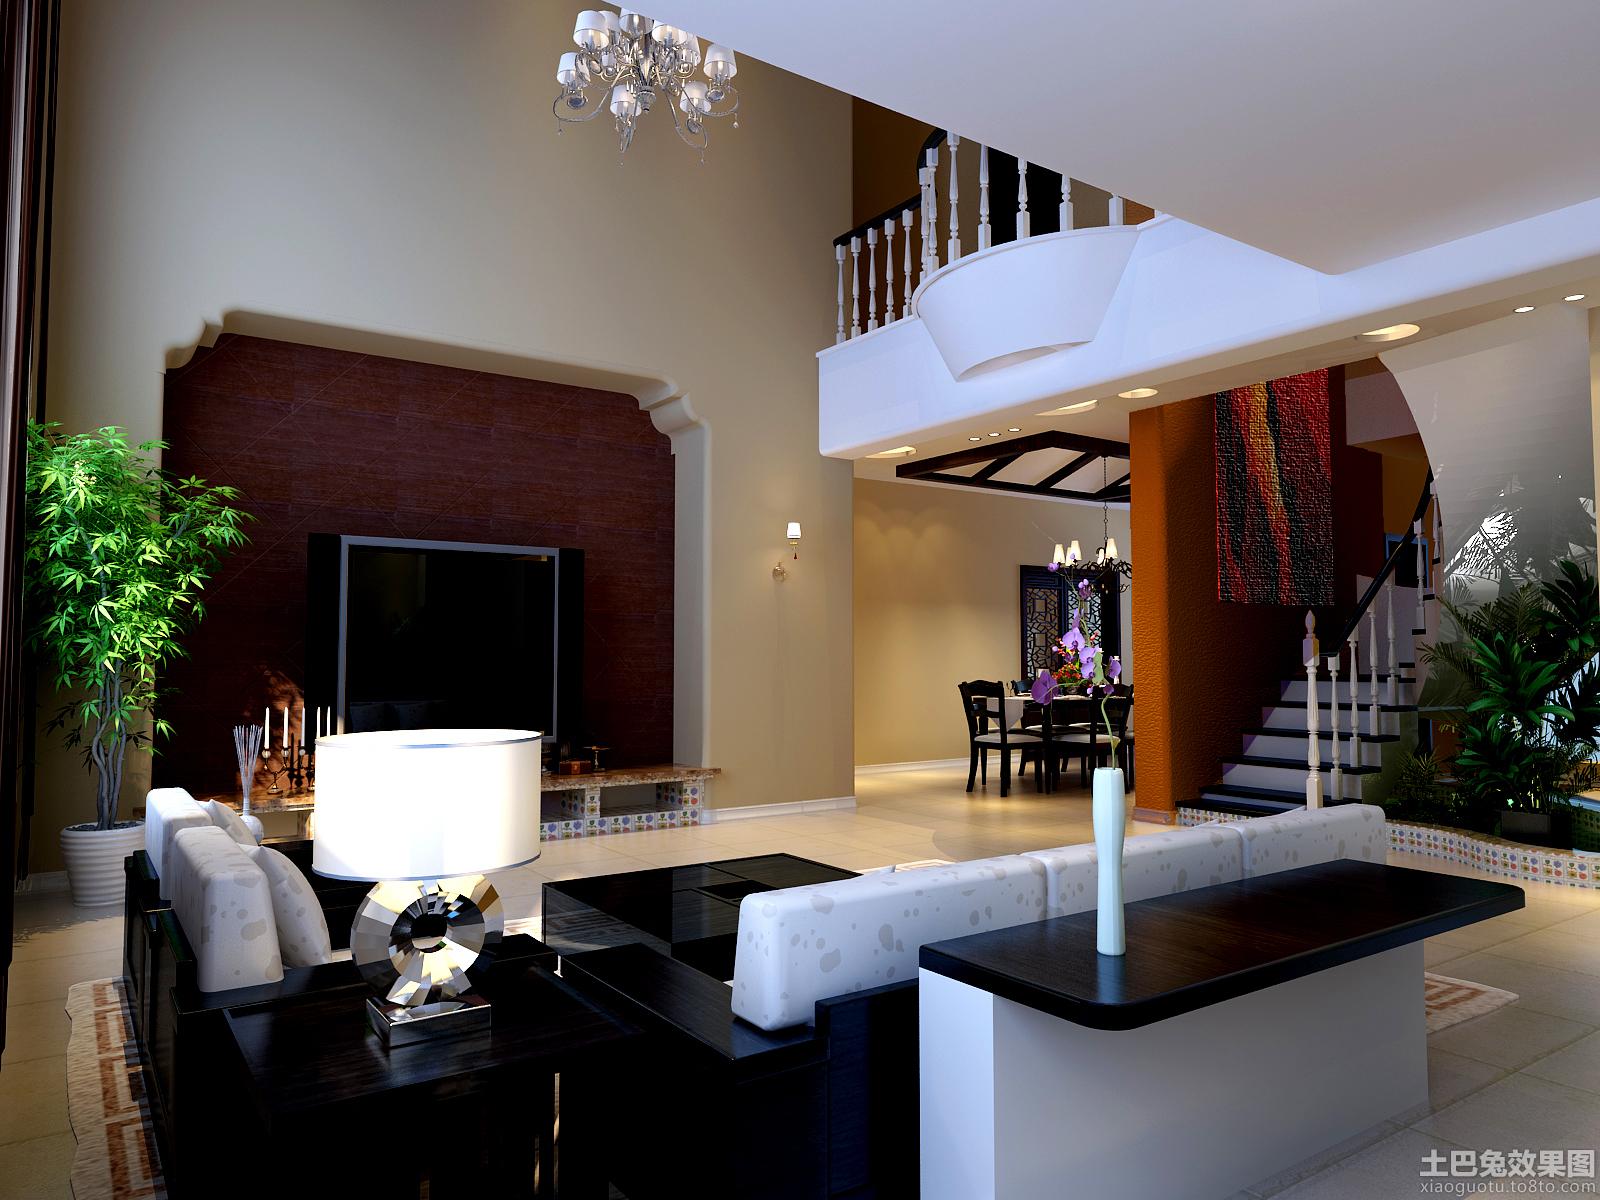 复式楼大客厅装修设计效果图图片